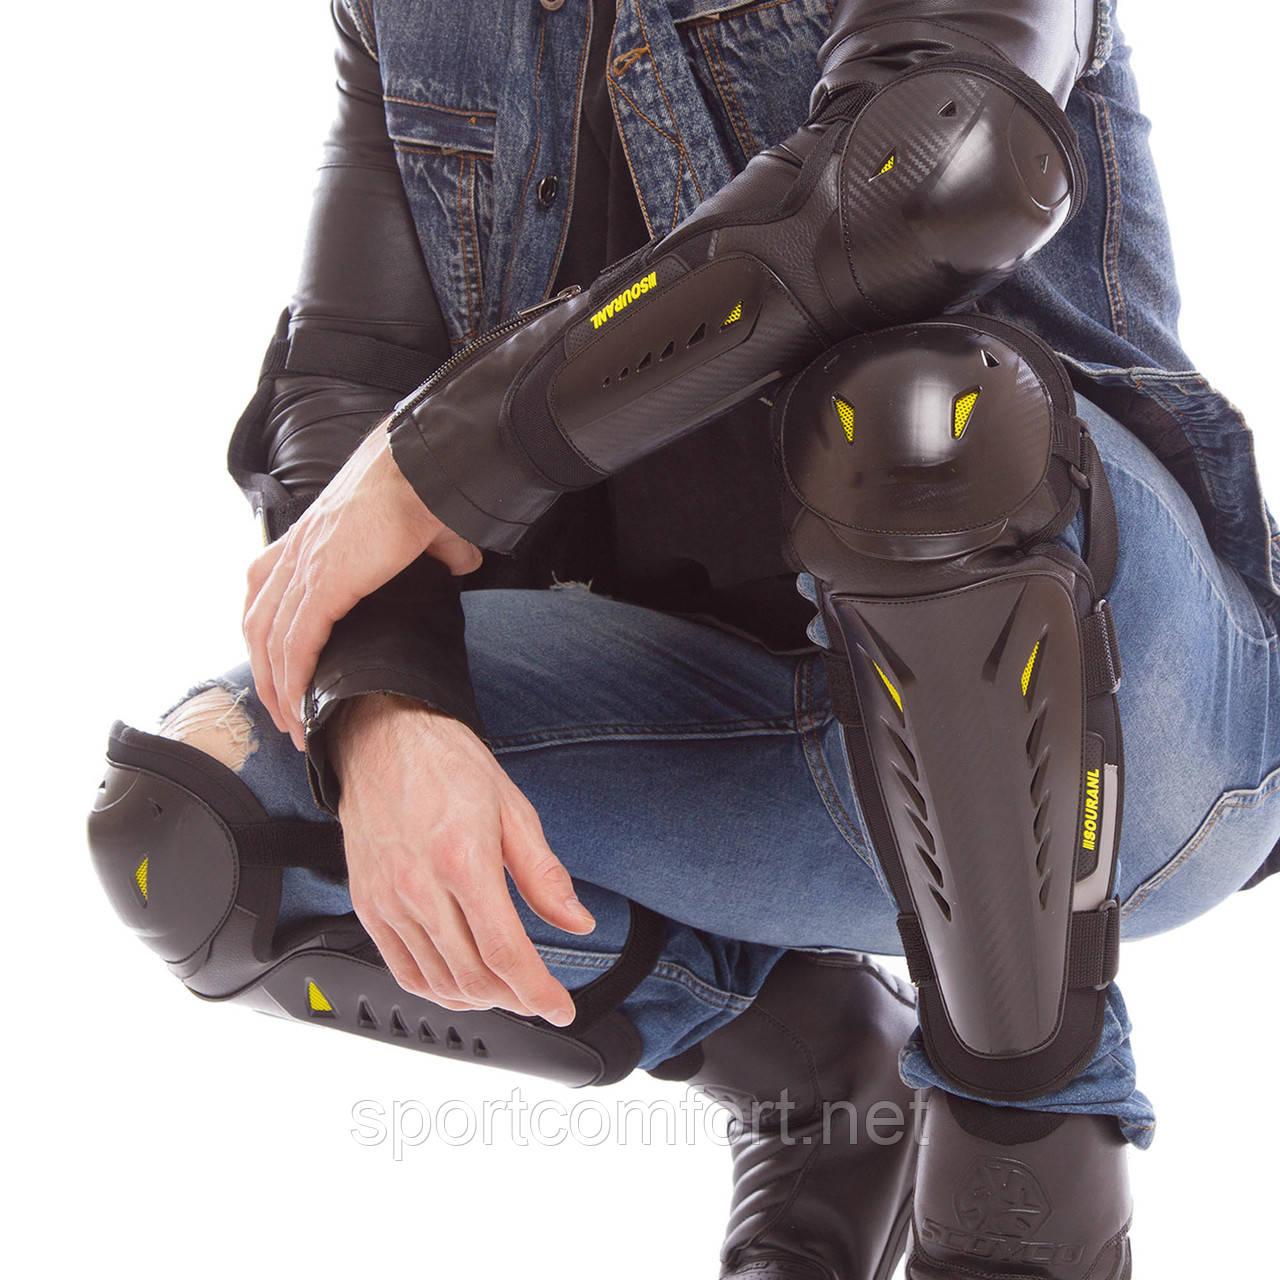 Комплект мотозащиты 4шт (голень, предплечье, колено, локоть)